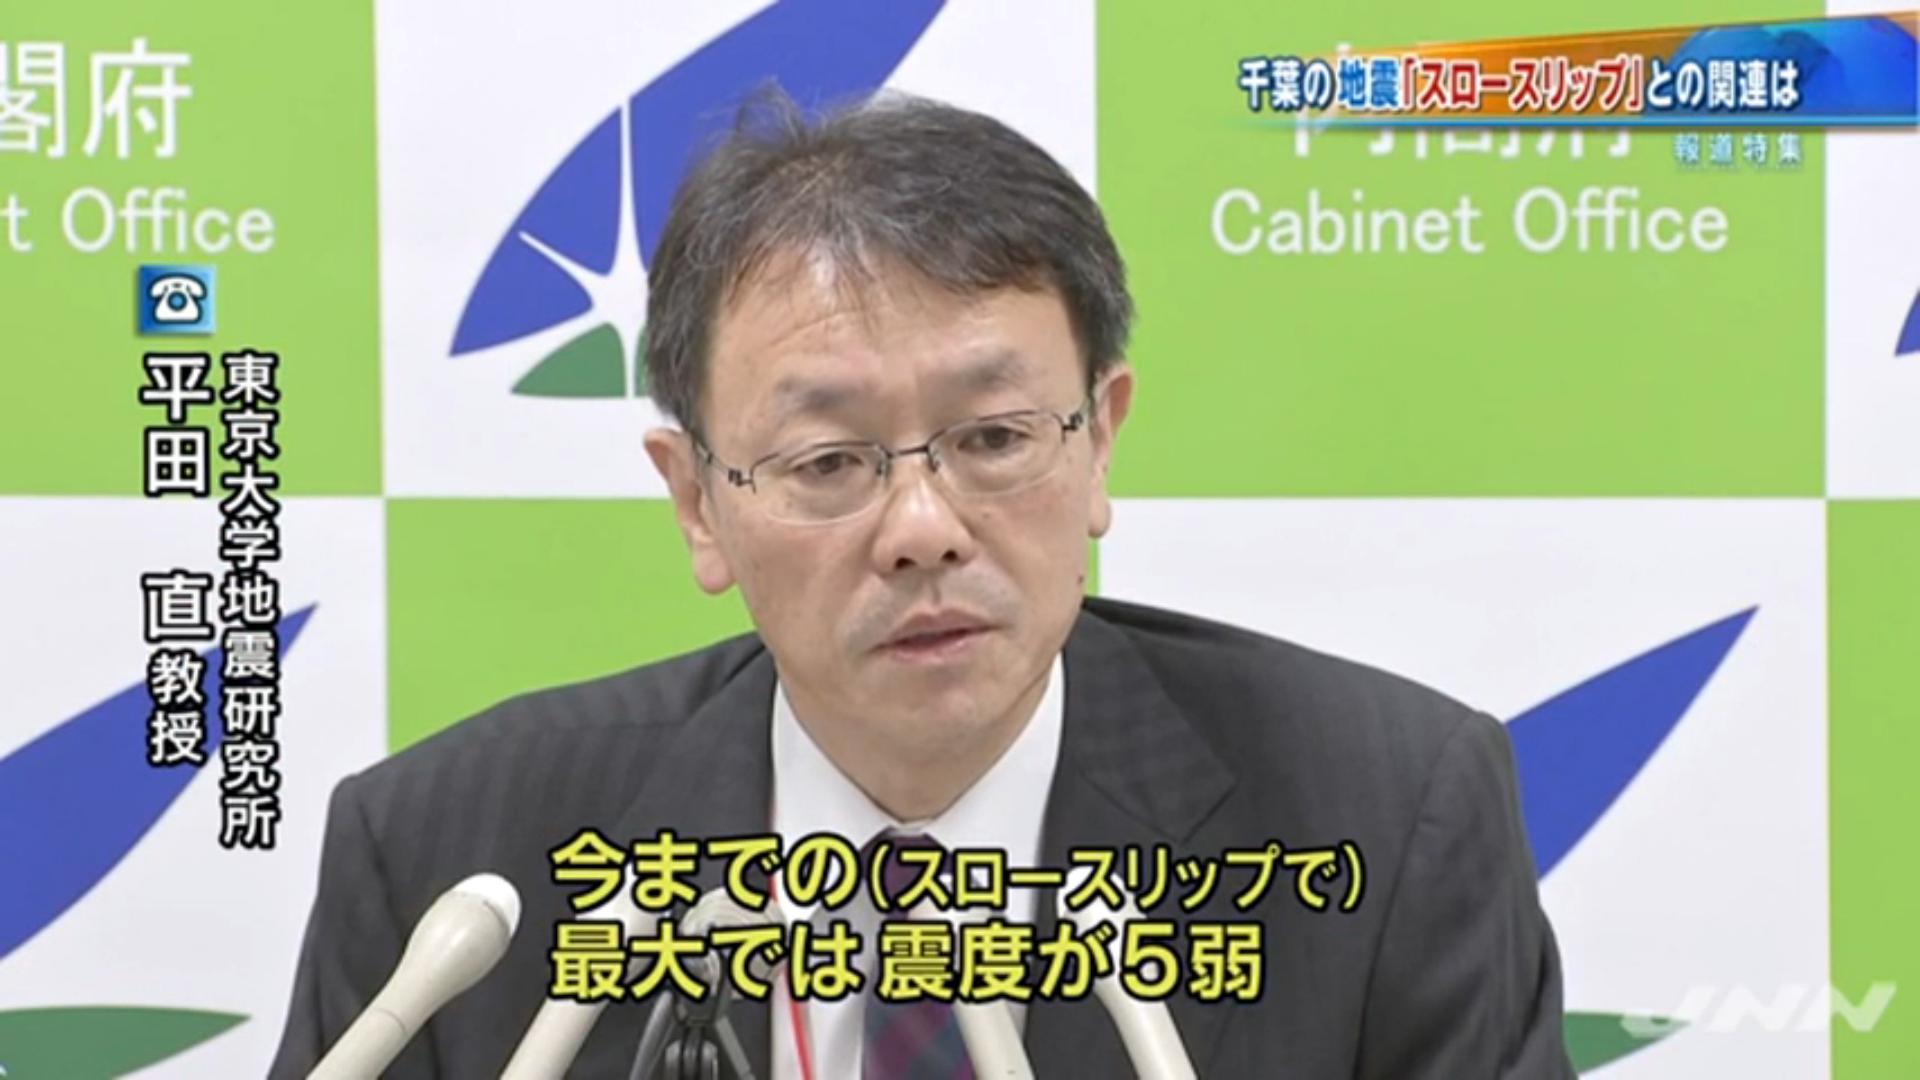 千葉県のスロースリップについて話す平田直委員長